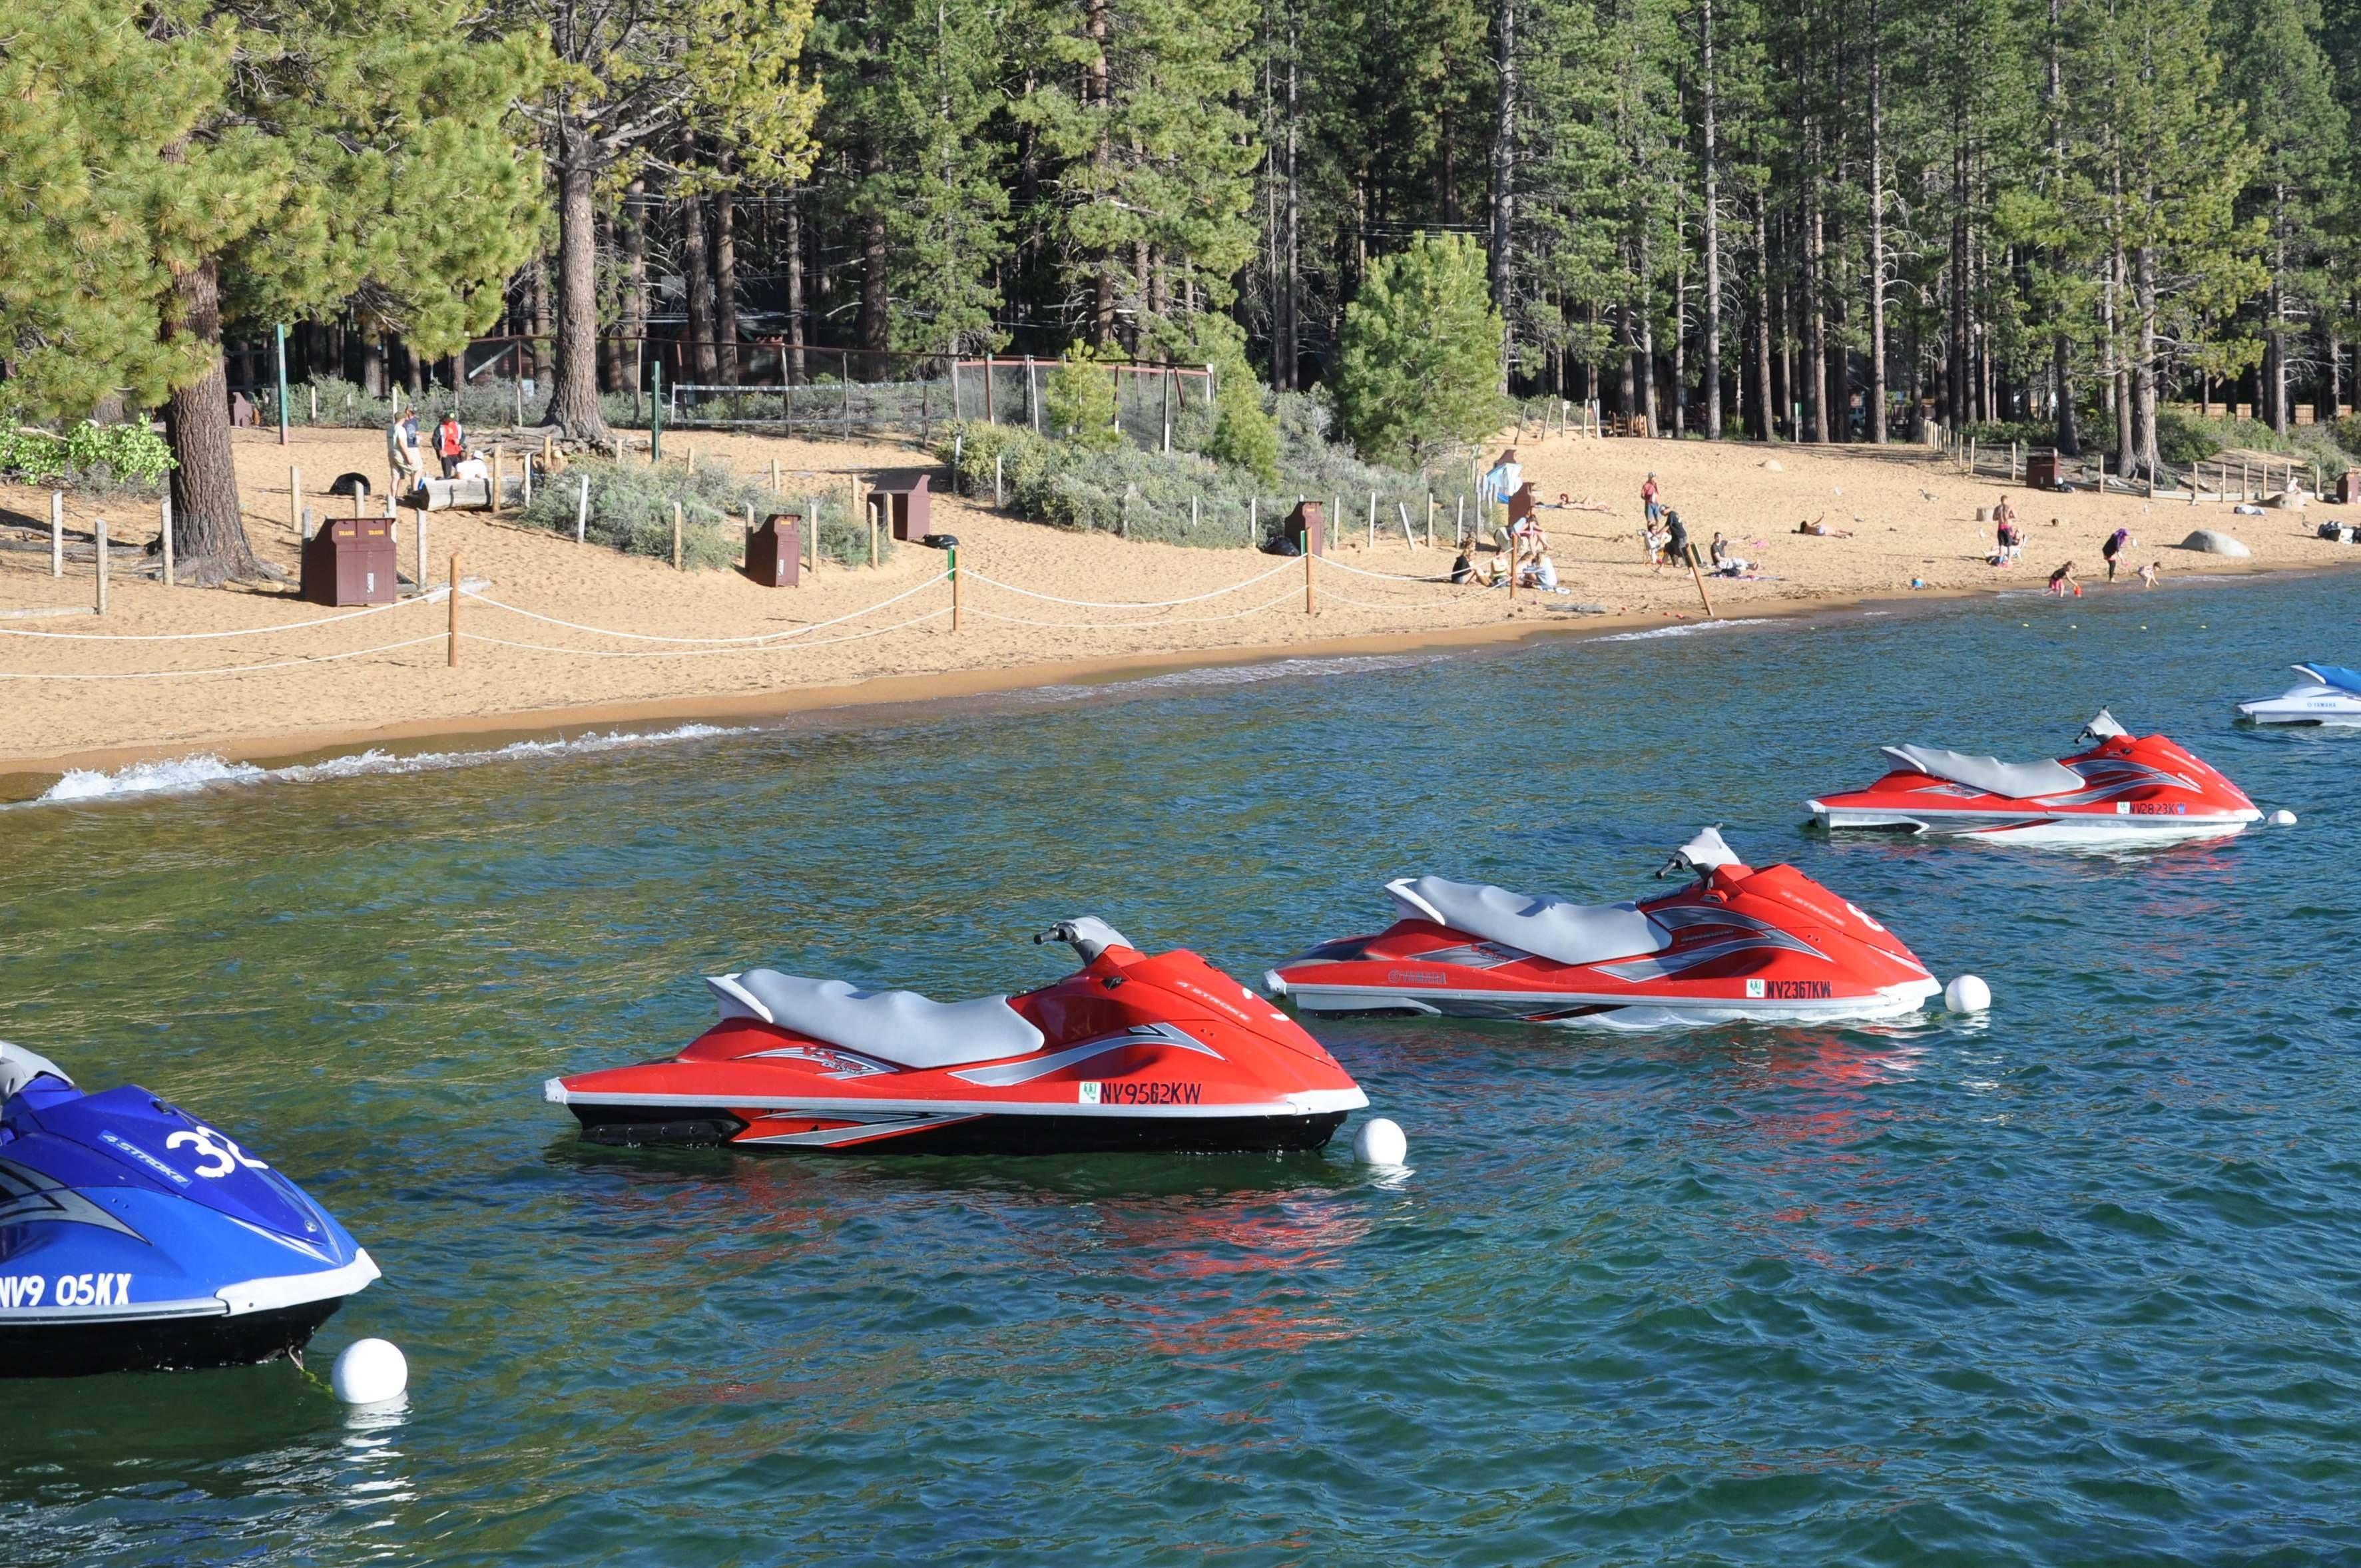 Explorefy helps you discover outdoor activities jet ski